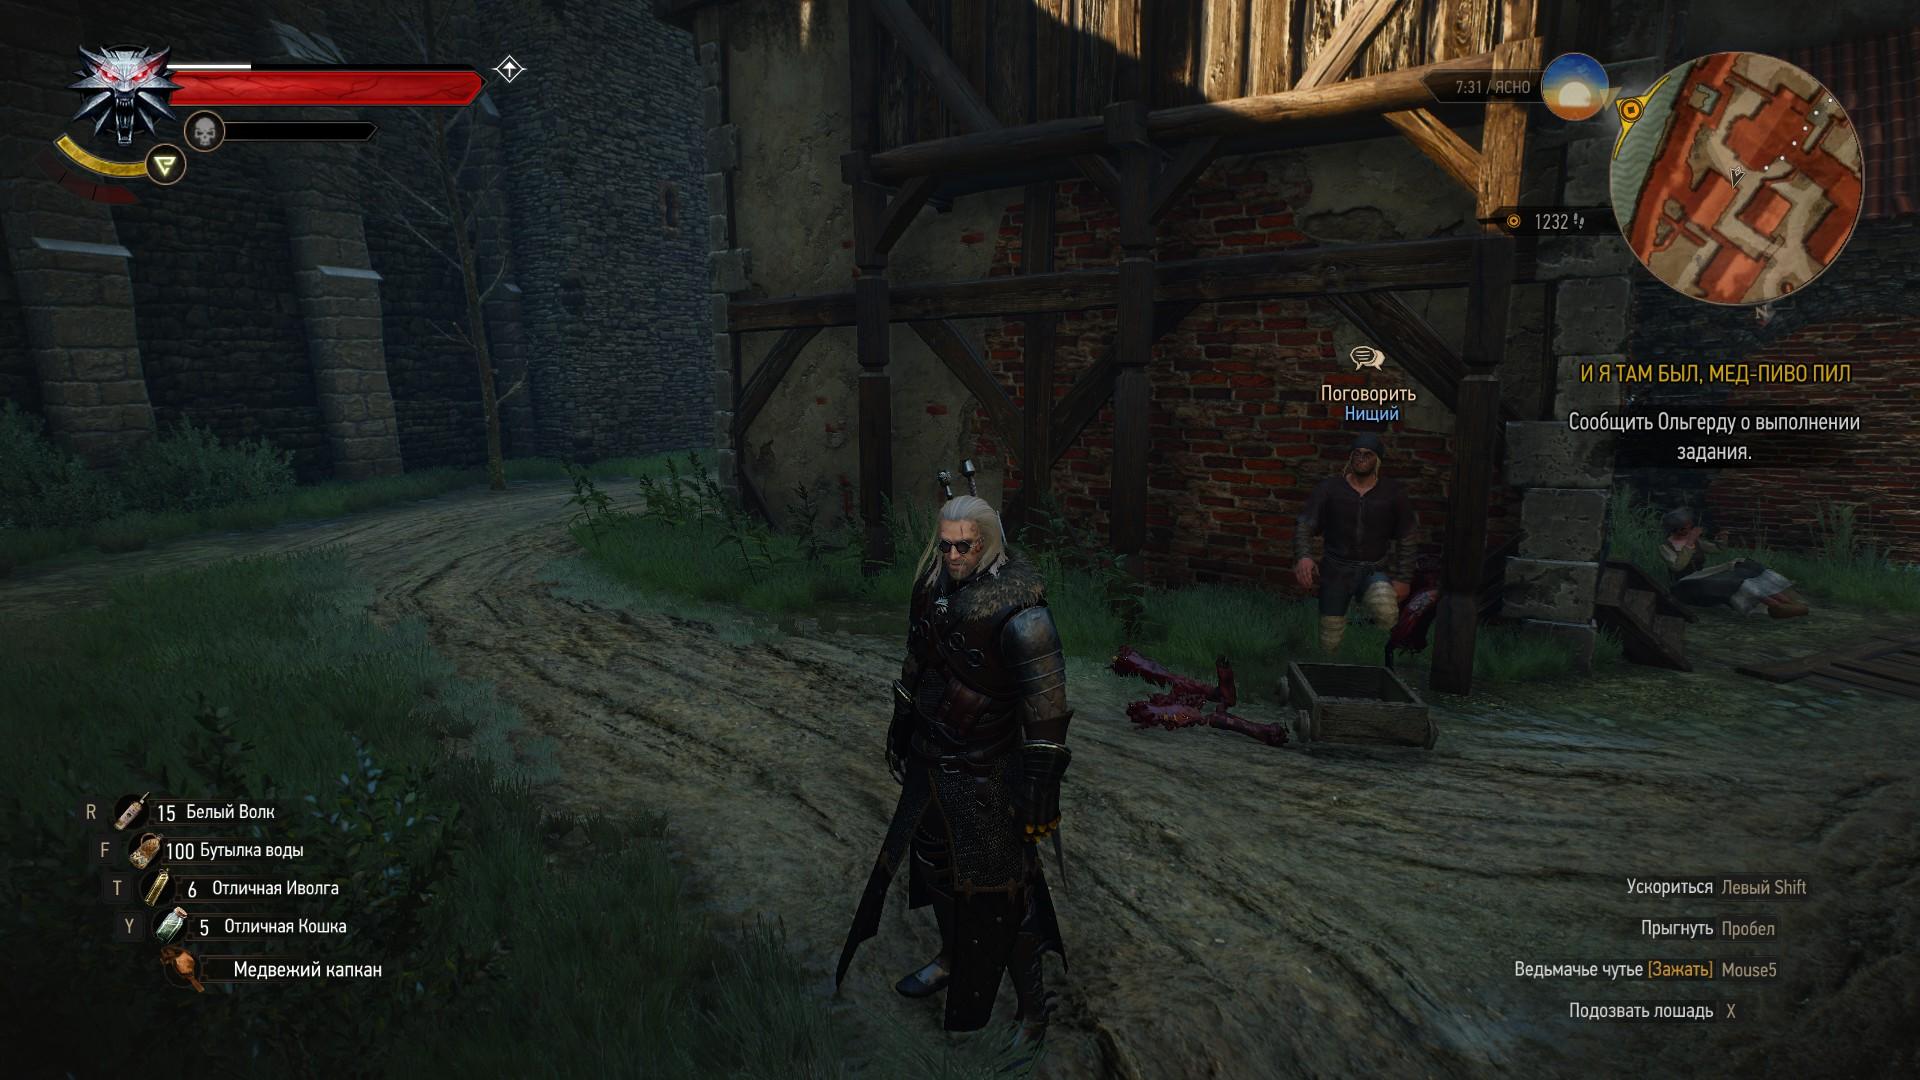 Геральт исцеляет безногого - Witcher 3: Wild Hunt, the Юмор